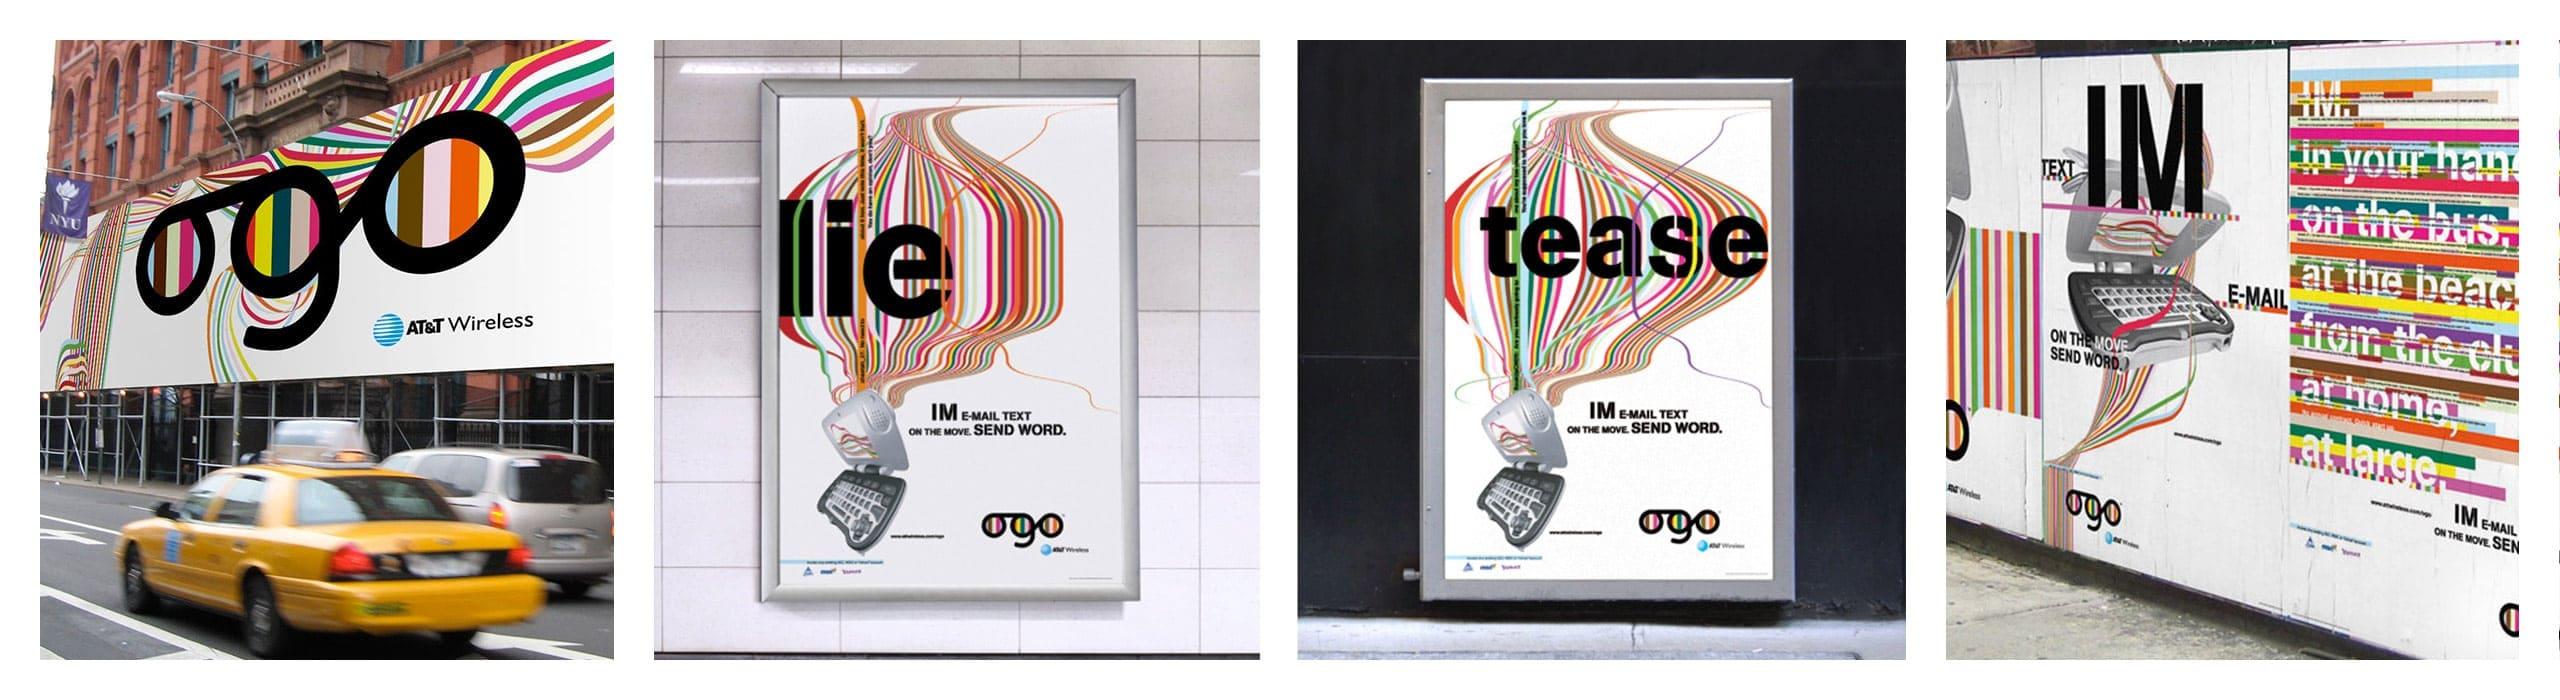 Ogo - natie-ogo-billboards - Natie Branding Agency